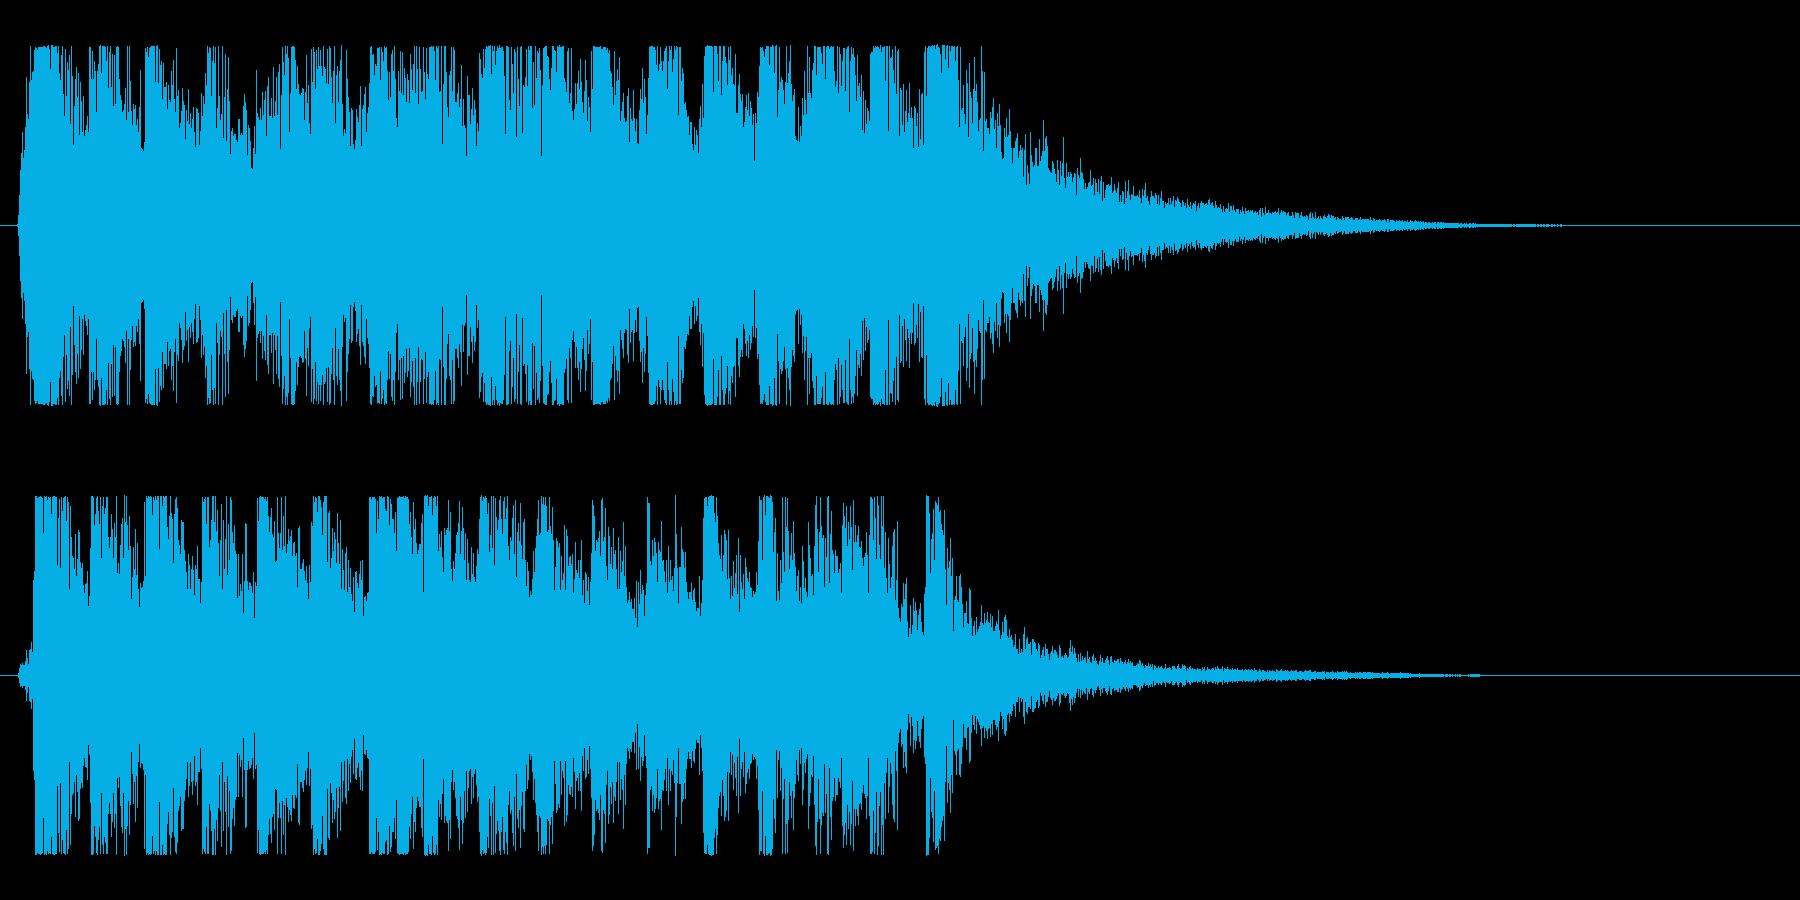 ダイナミック躍動感のアップビート和風ロゴの再生済みの波形